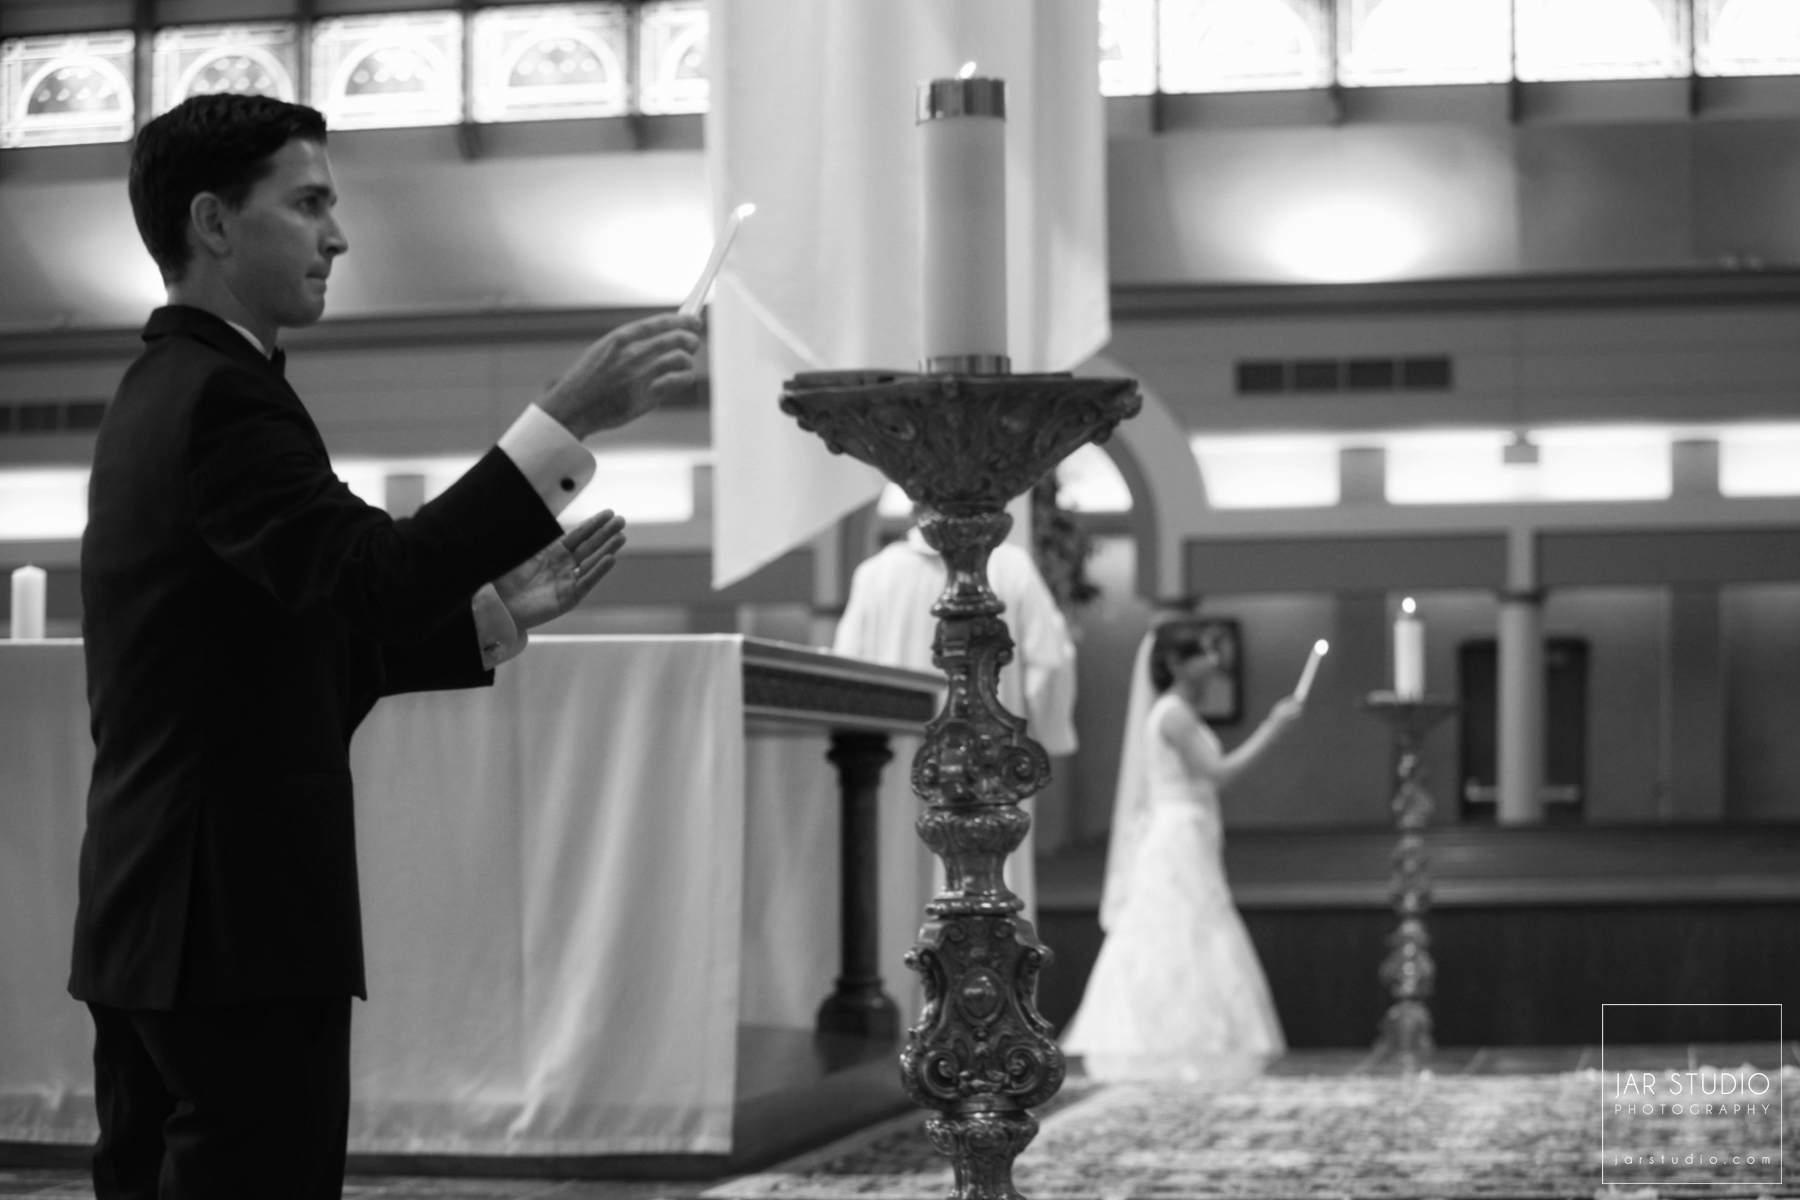 13-catholic-wedding-ceremony-candles-jarstudio-photography.JPG